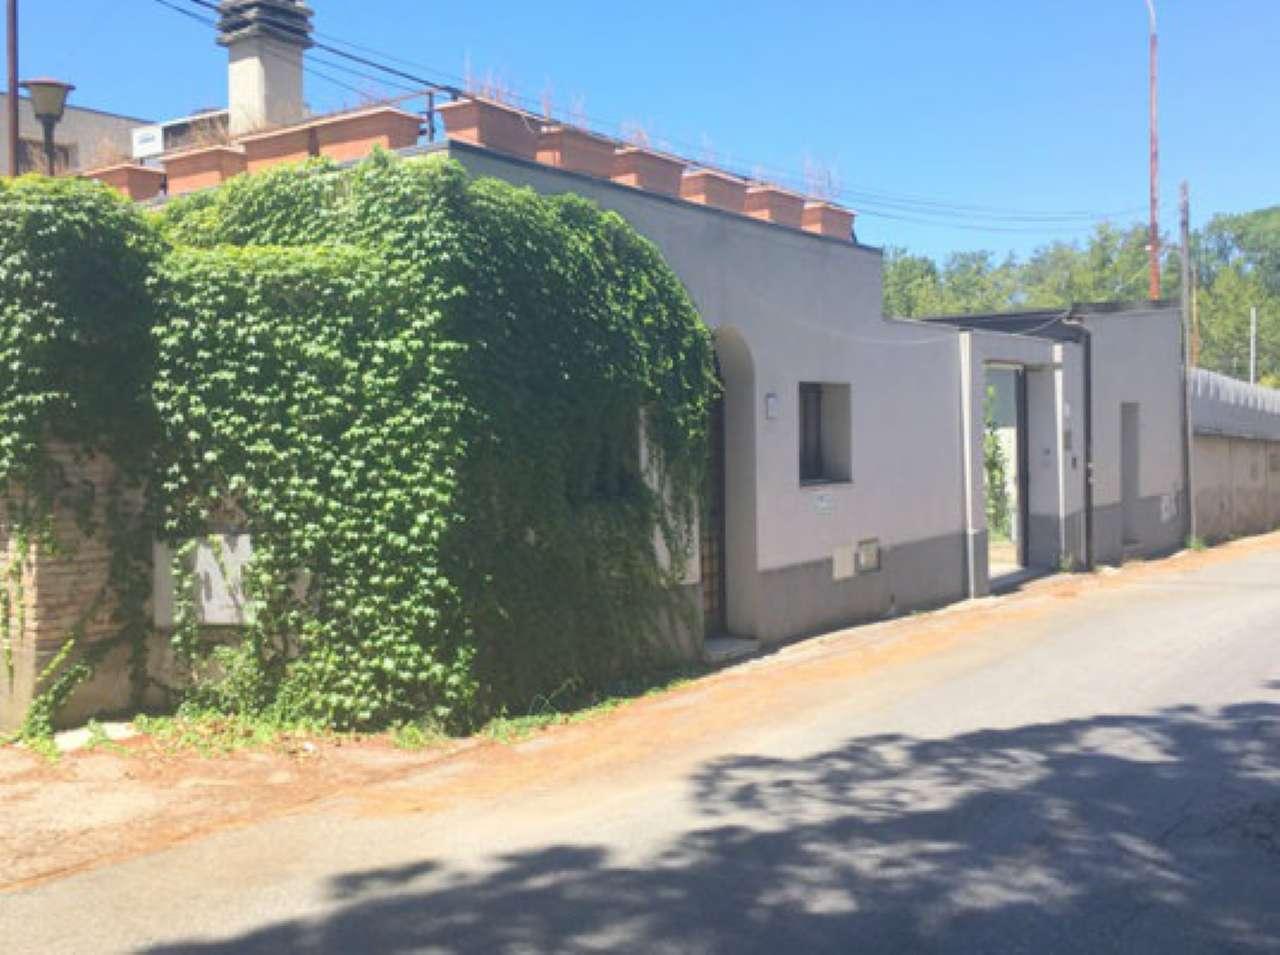 Laboratorio in affitto a Roma, 5 locali, zona Zona: 27 . Aurelio - Boccea, prezzo € 2.000   CambioCasa.it